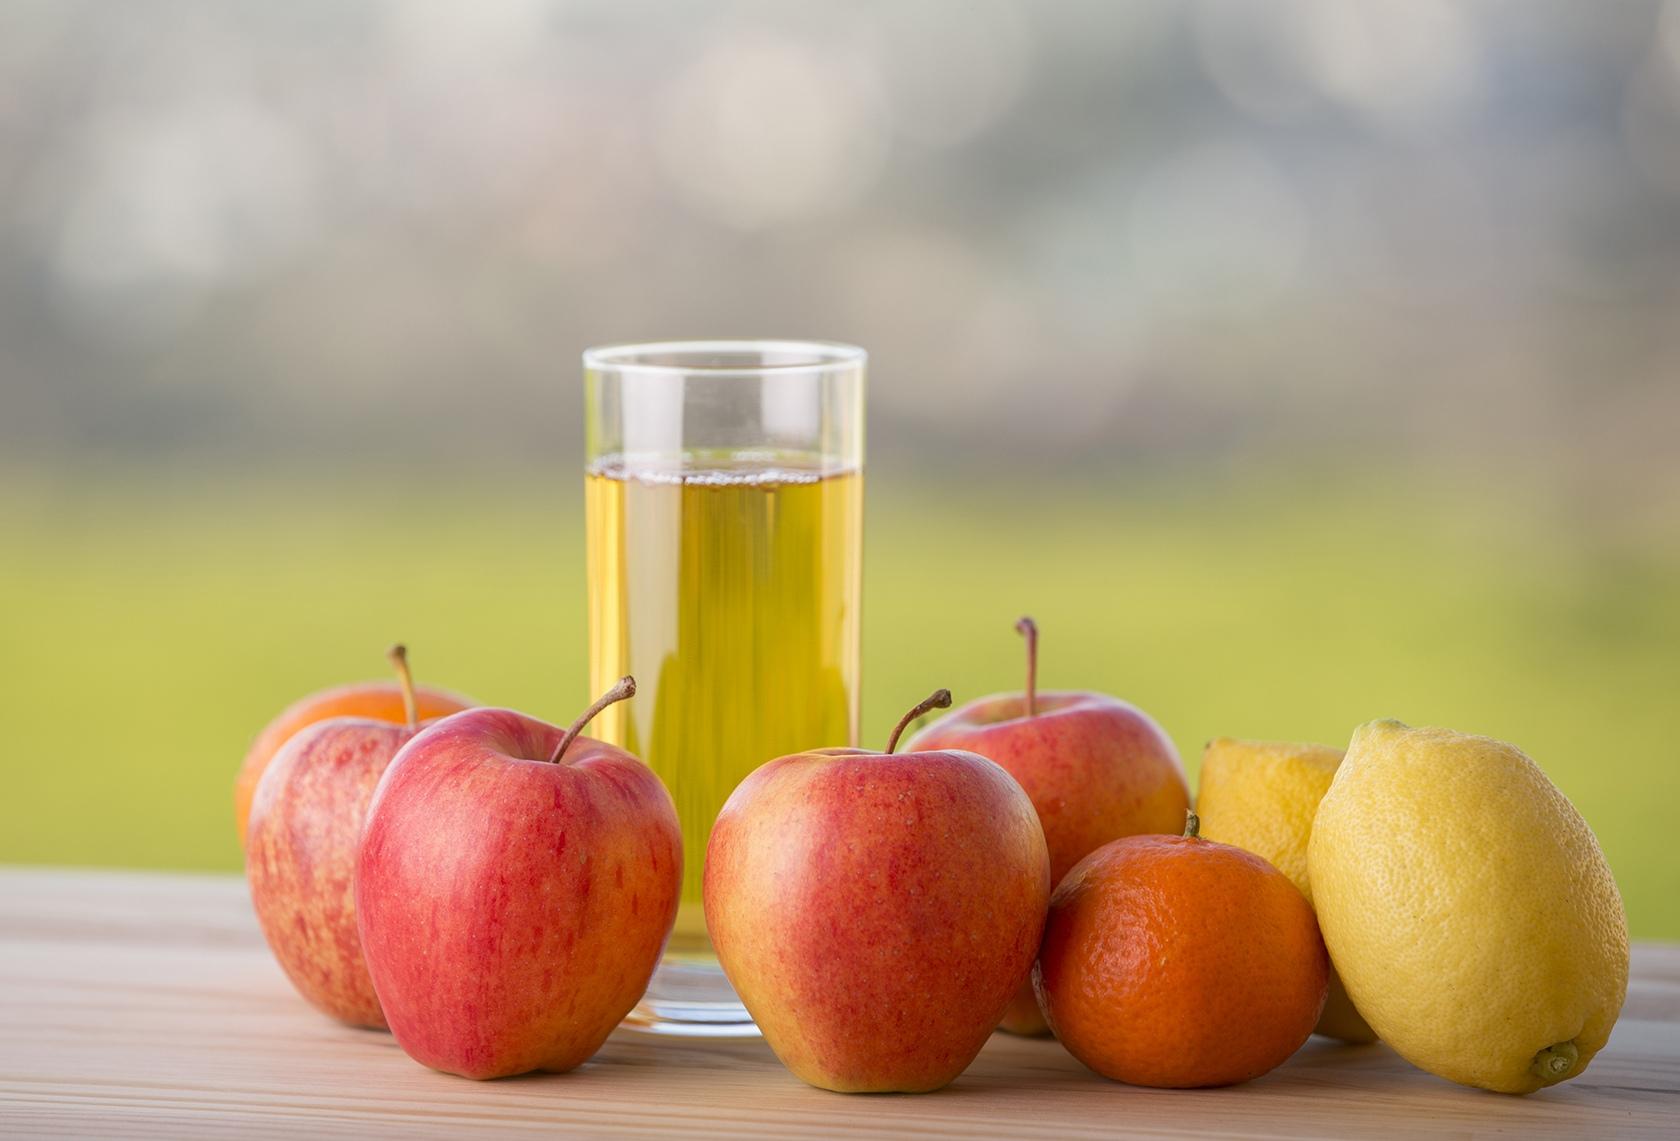 фото яблочный сок на выходе из голода счастье